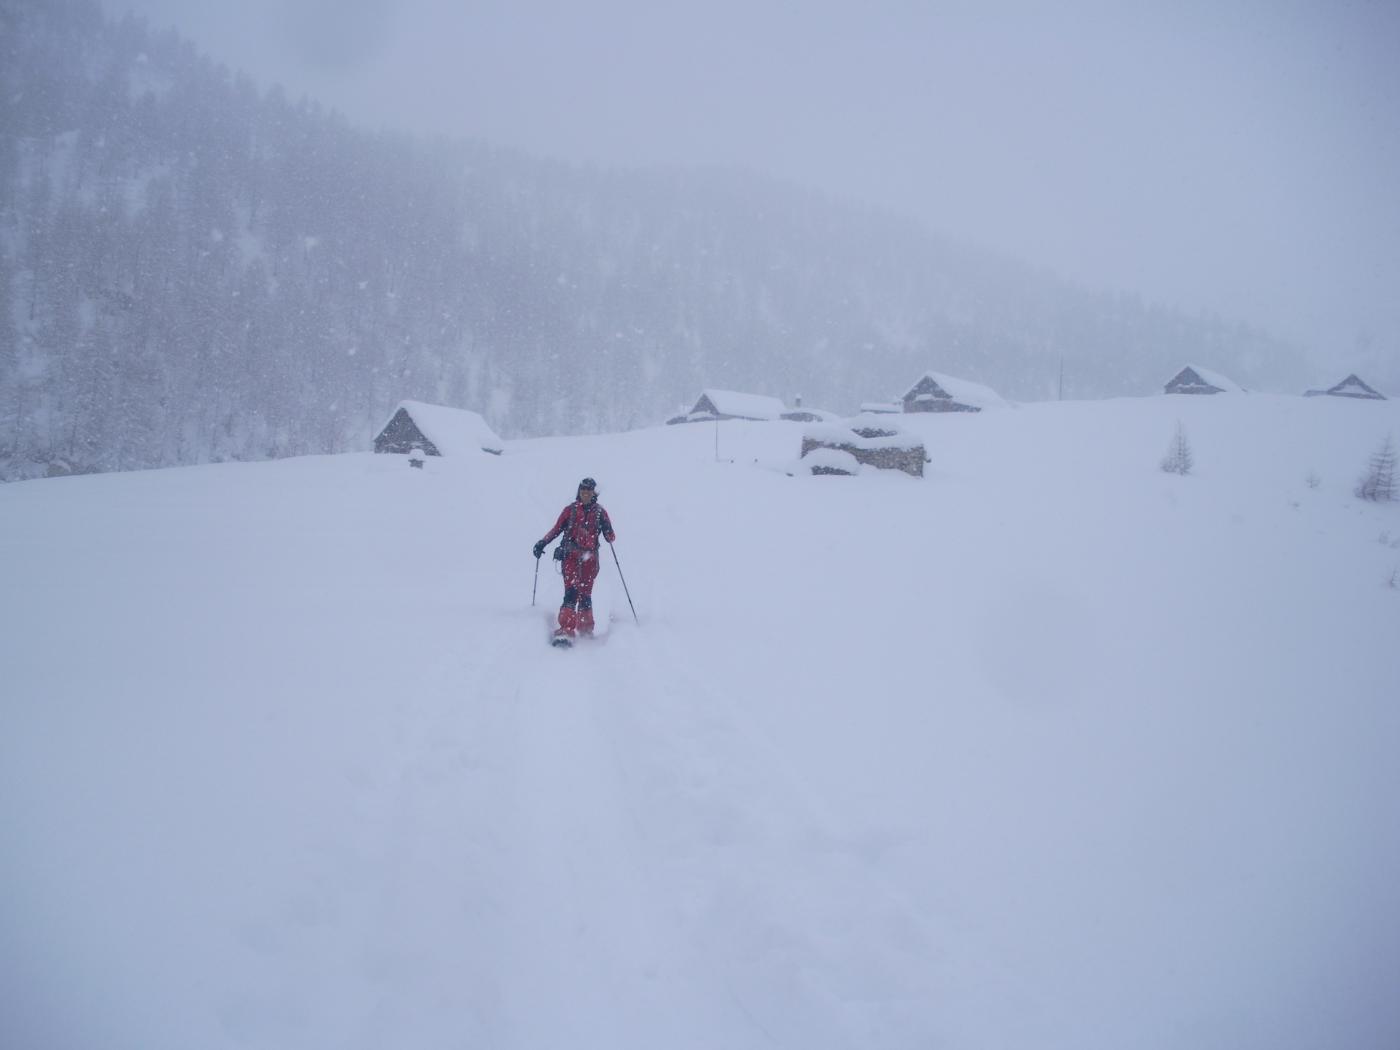 dall'Alpe Valle alle spalle..arrivare a valle c'e' ne' ancora..